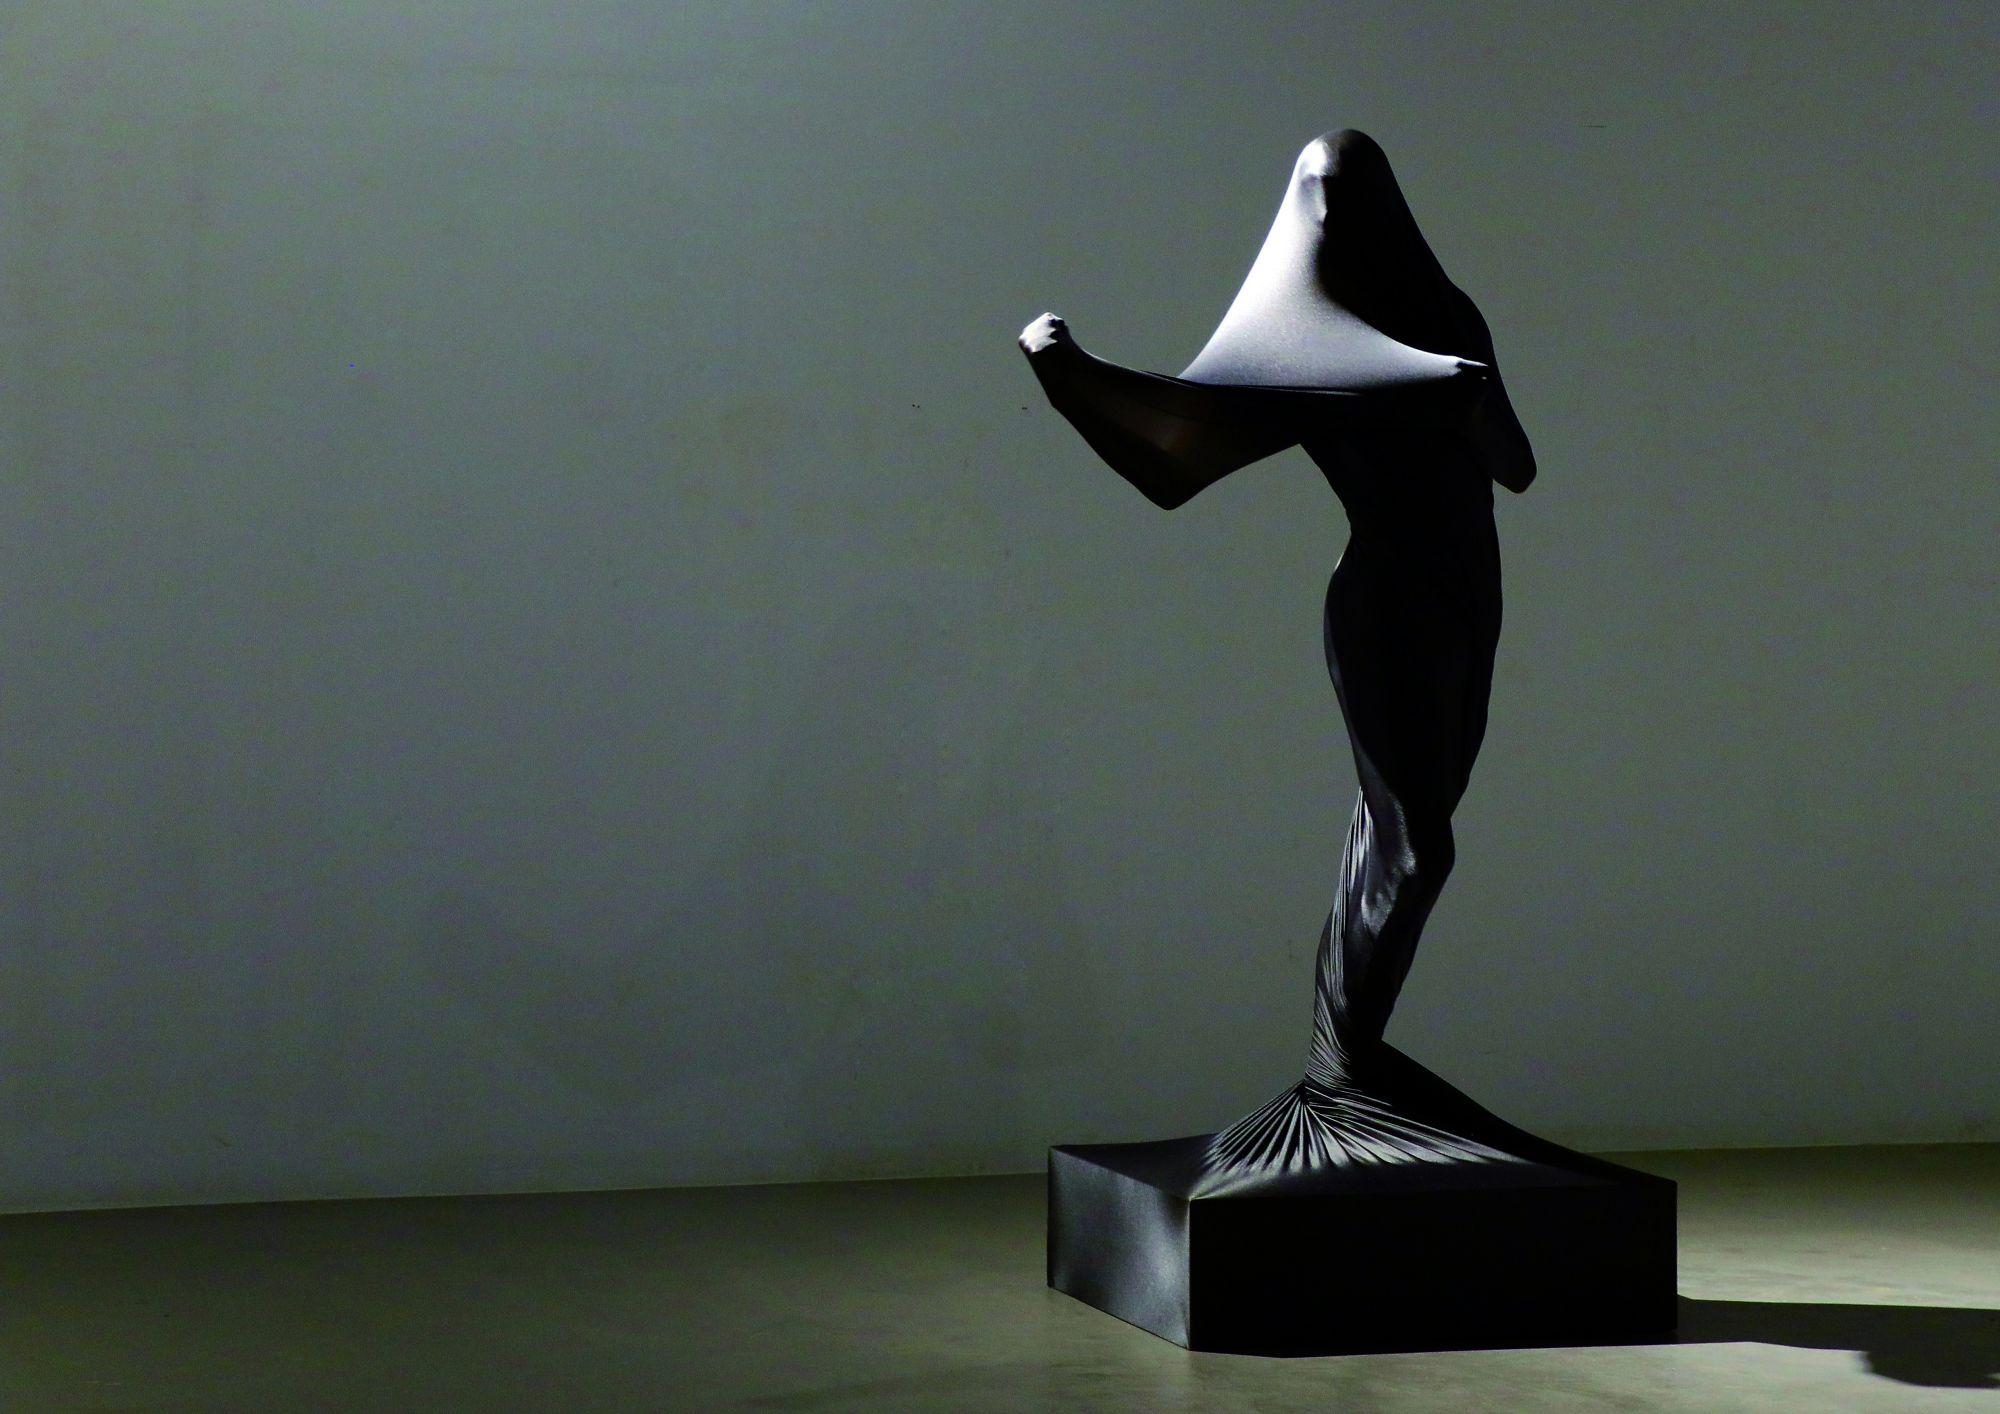 舞蹈家劉侑珣的《時刻瞬息》將在10月3日晚間11:00登場,以舞動的身軀刻畫雕塑般的形象。